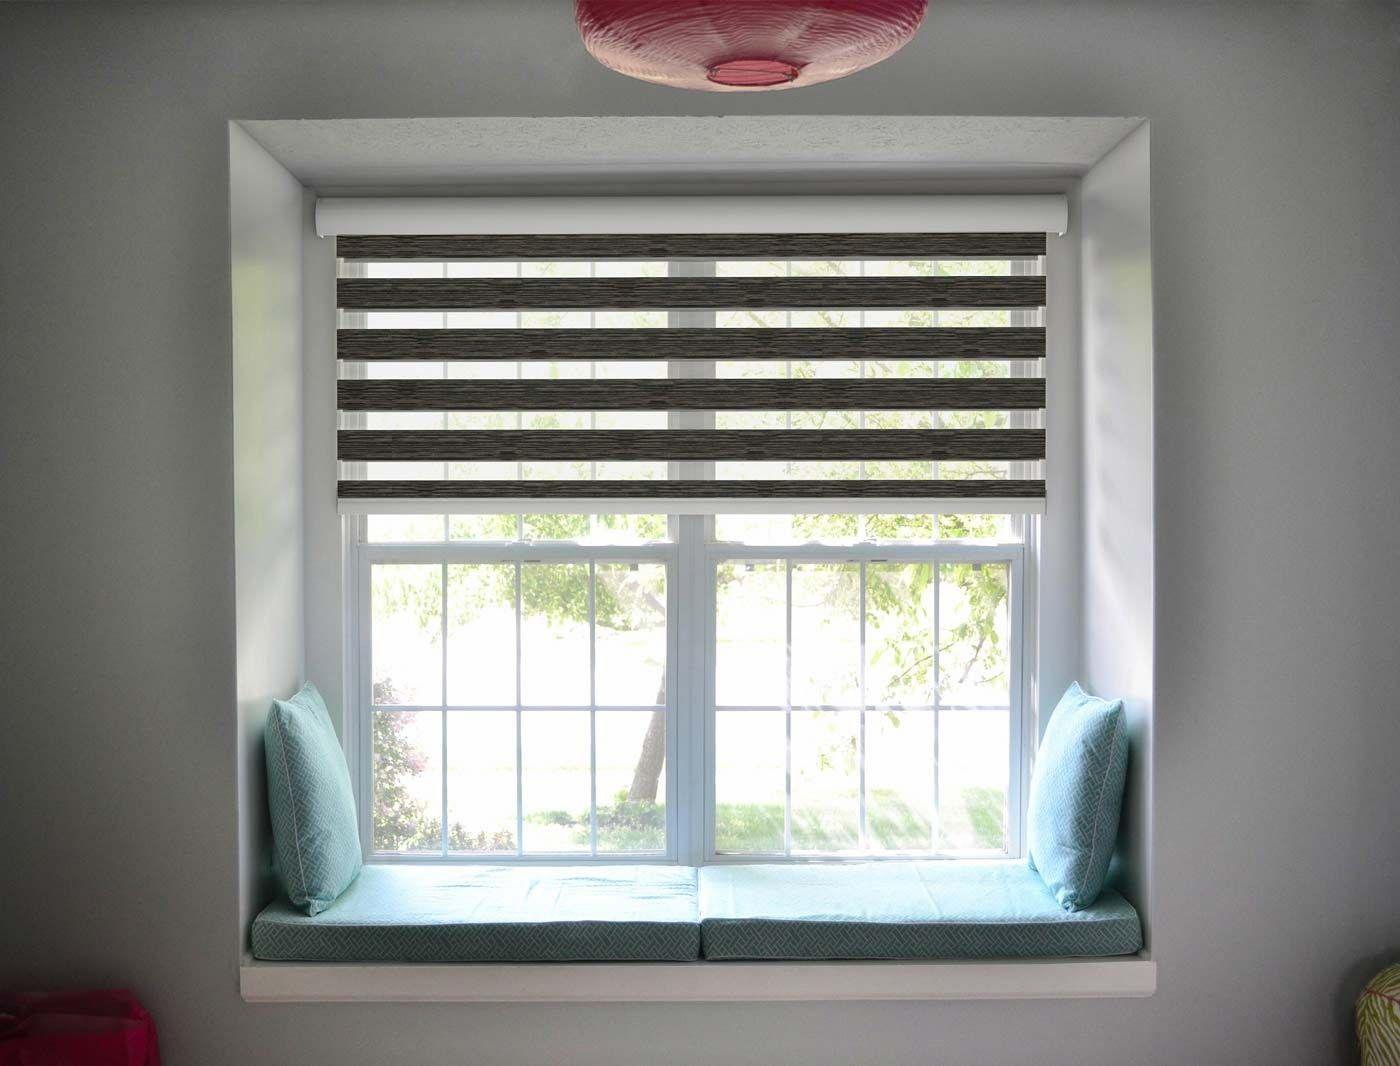 Pin By Rideaux Cheniour On Stores Zebra Jour Et Nuit A Enrouleur Home Blinds Curtains